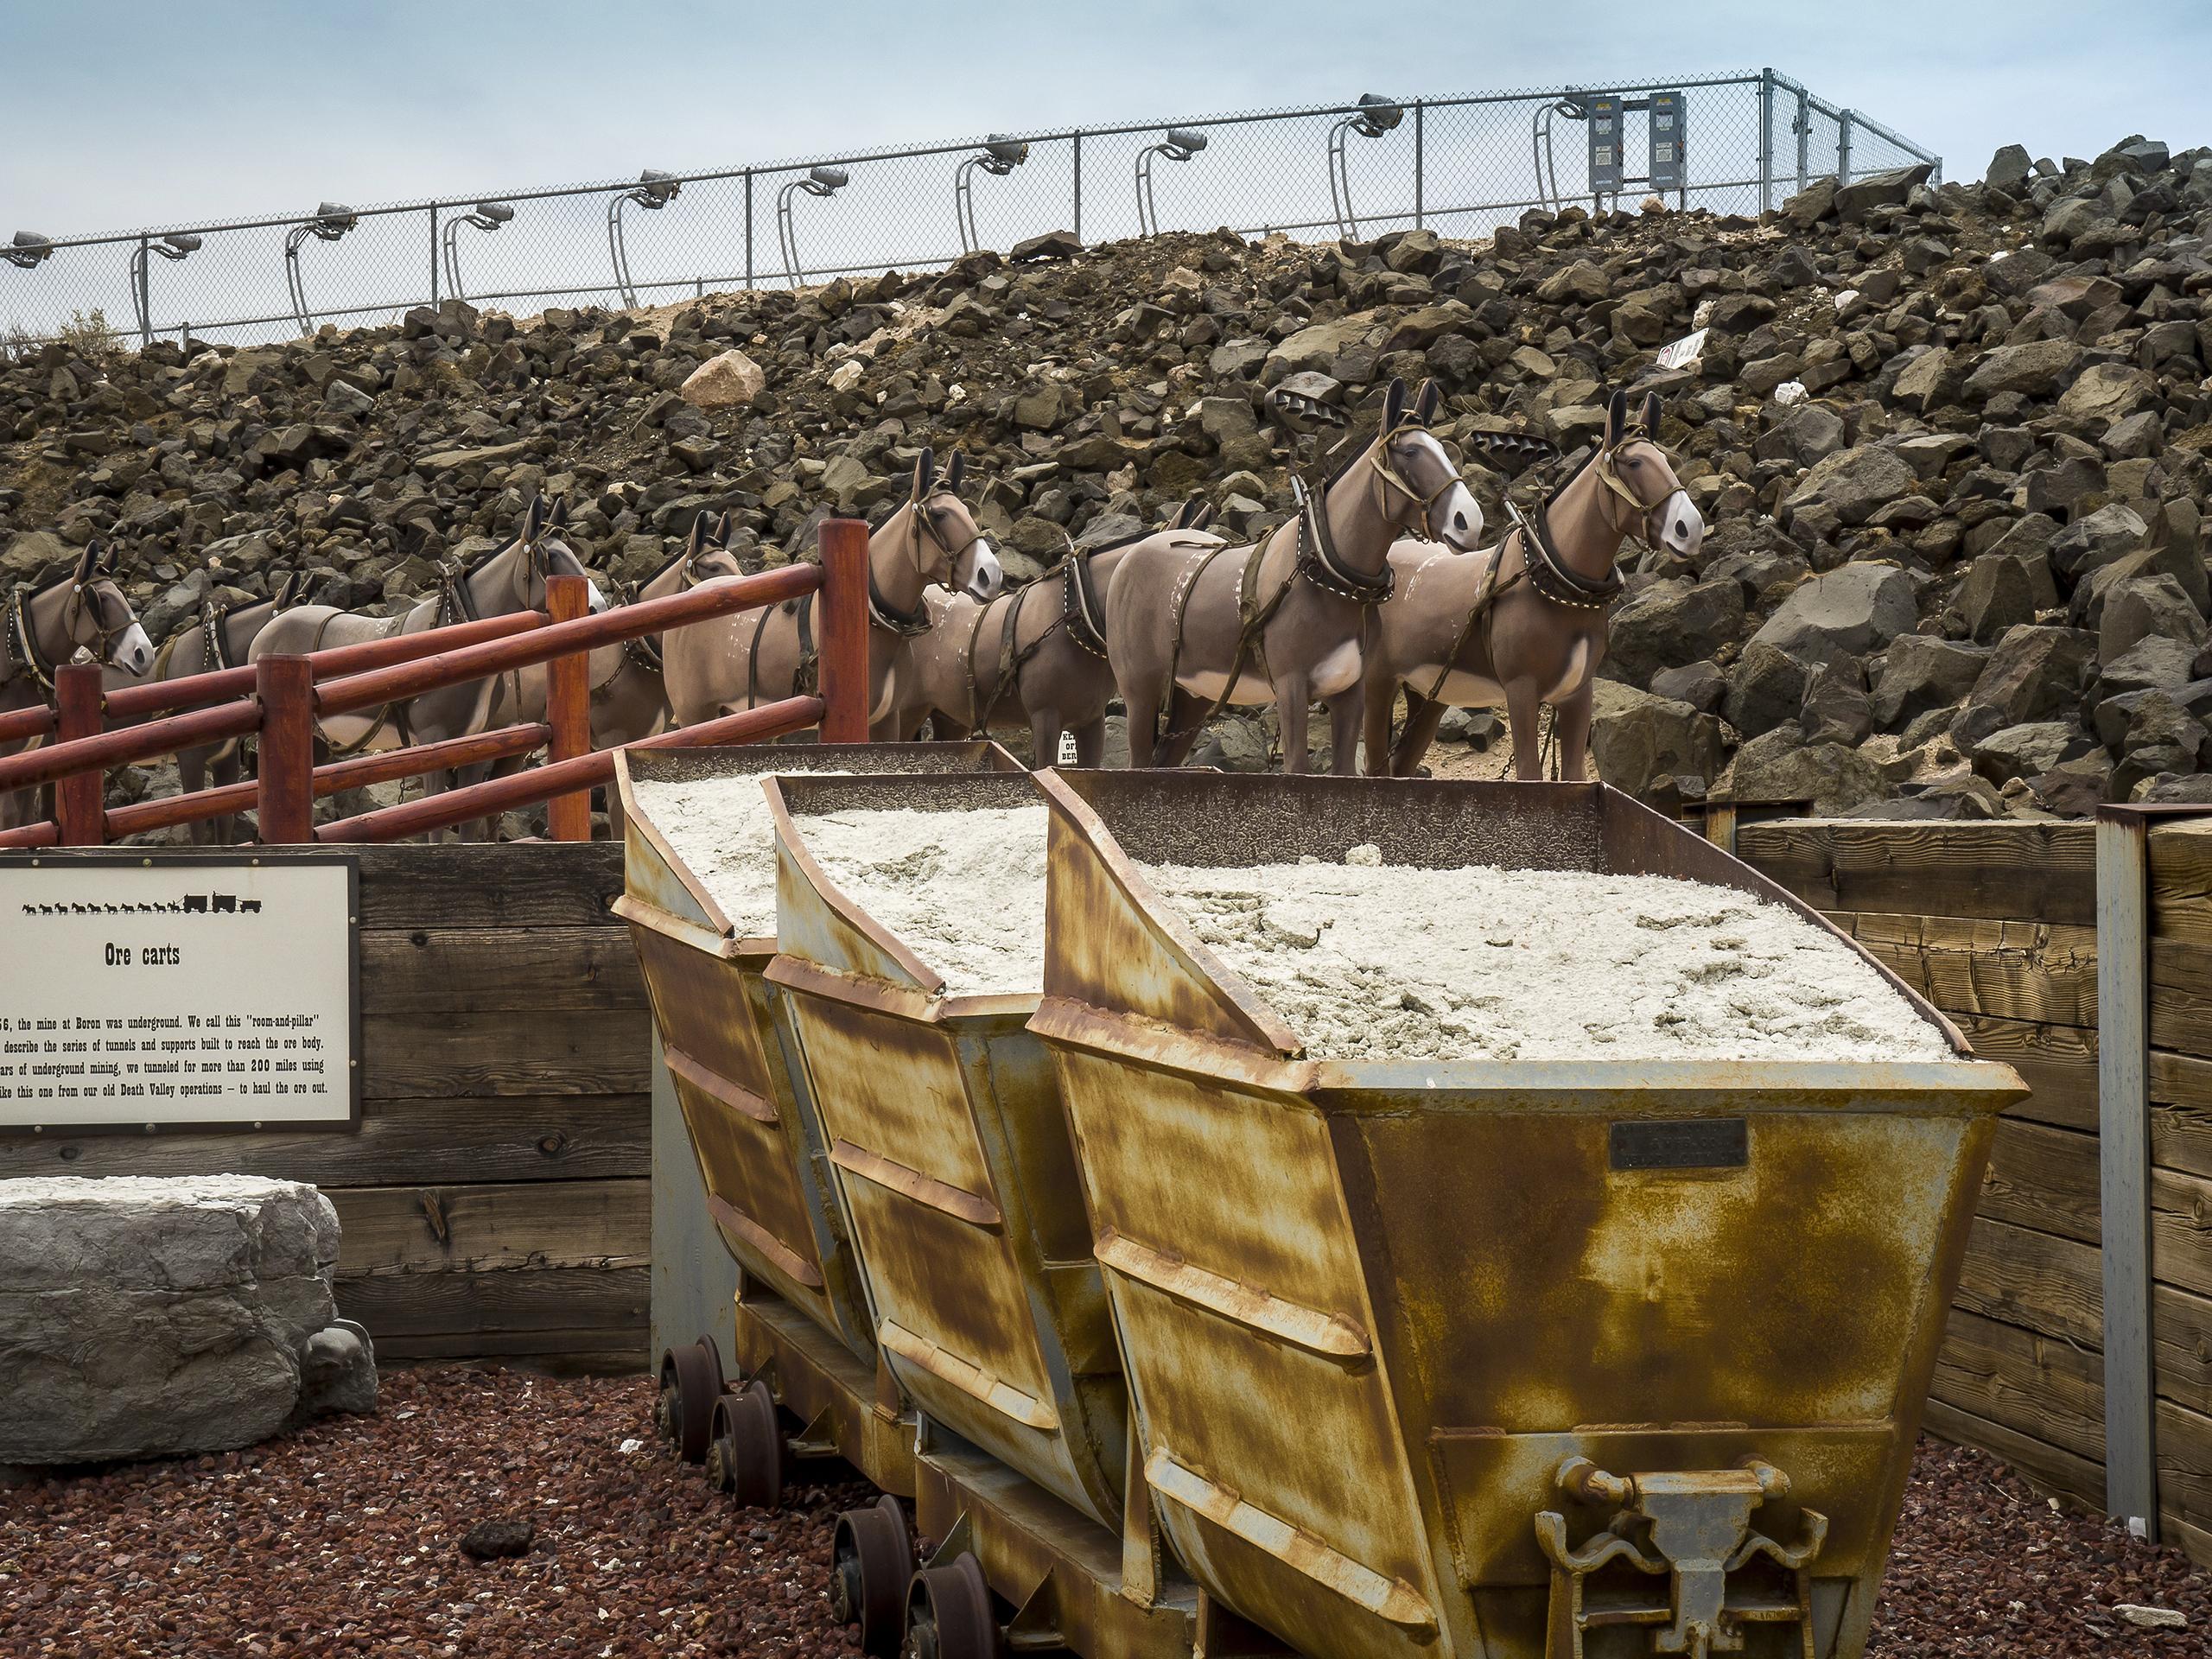 Twenty Mule Team scale replica, Borax Visitor Center, Boron,                               CA 2014